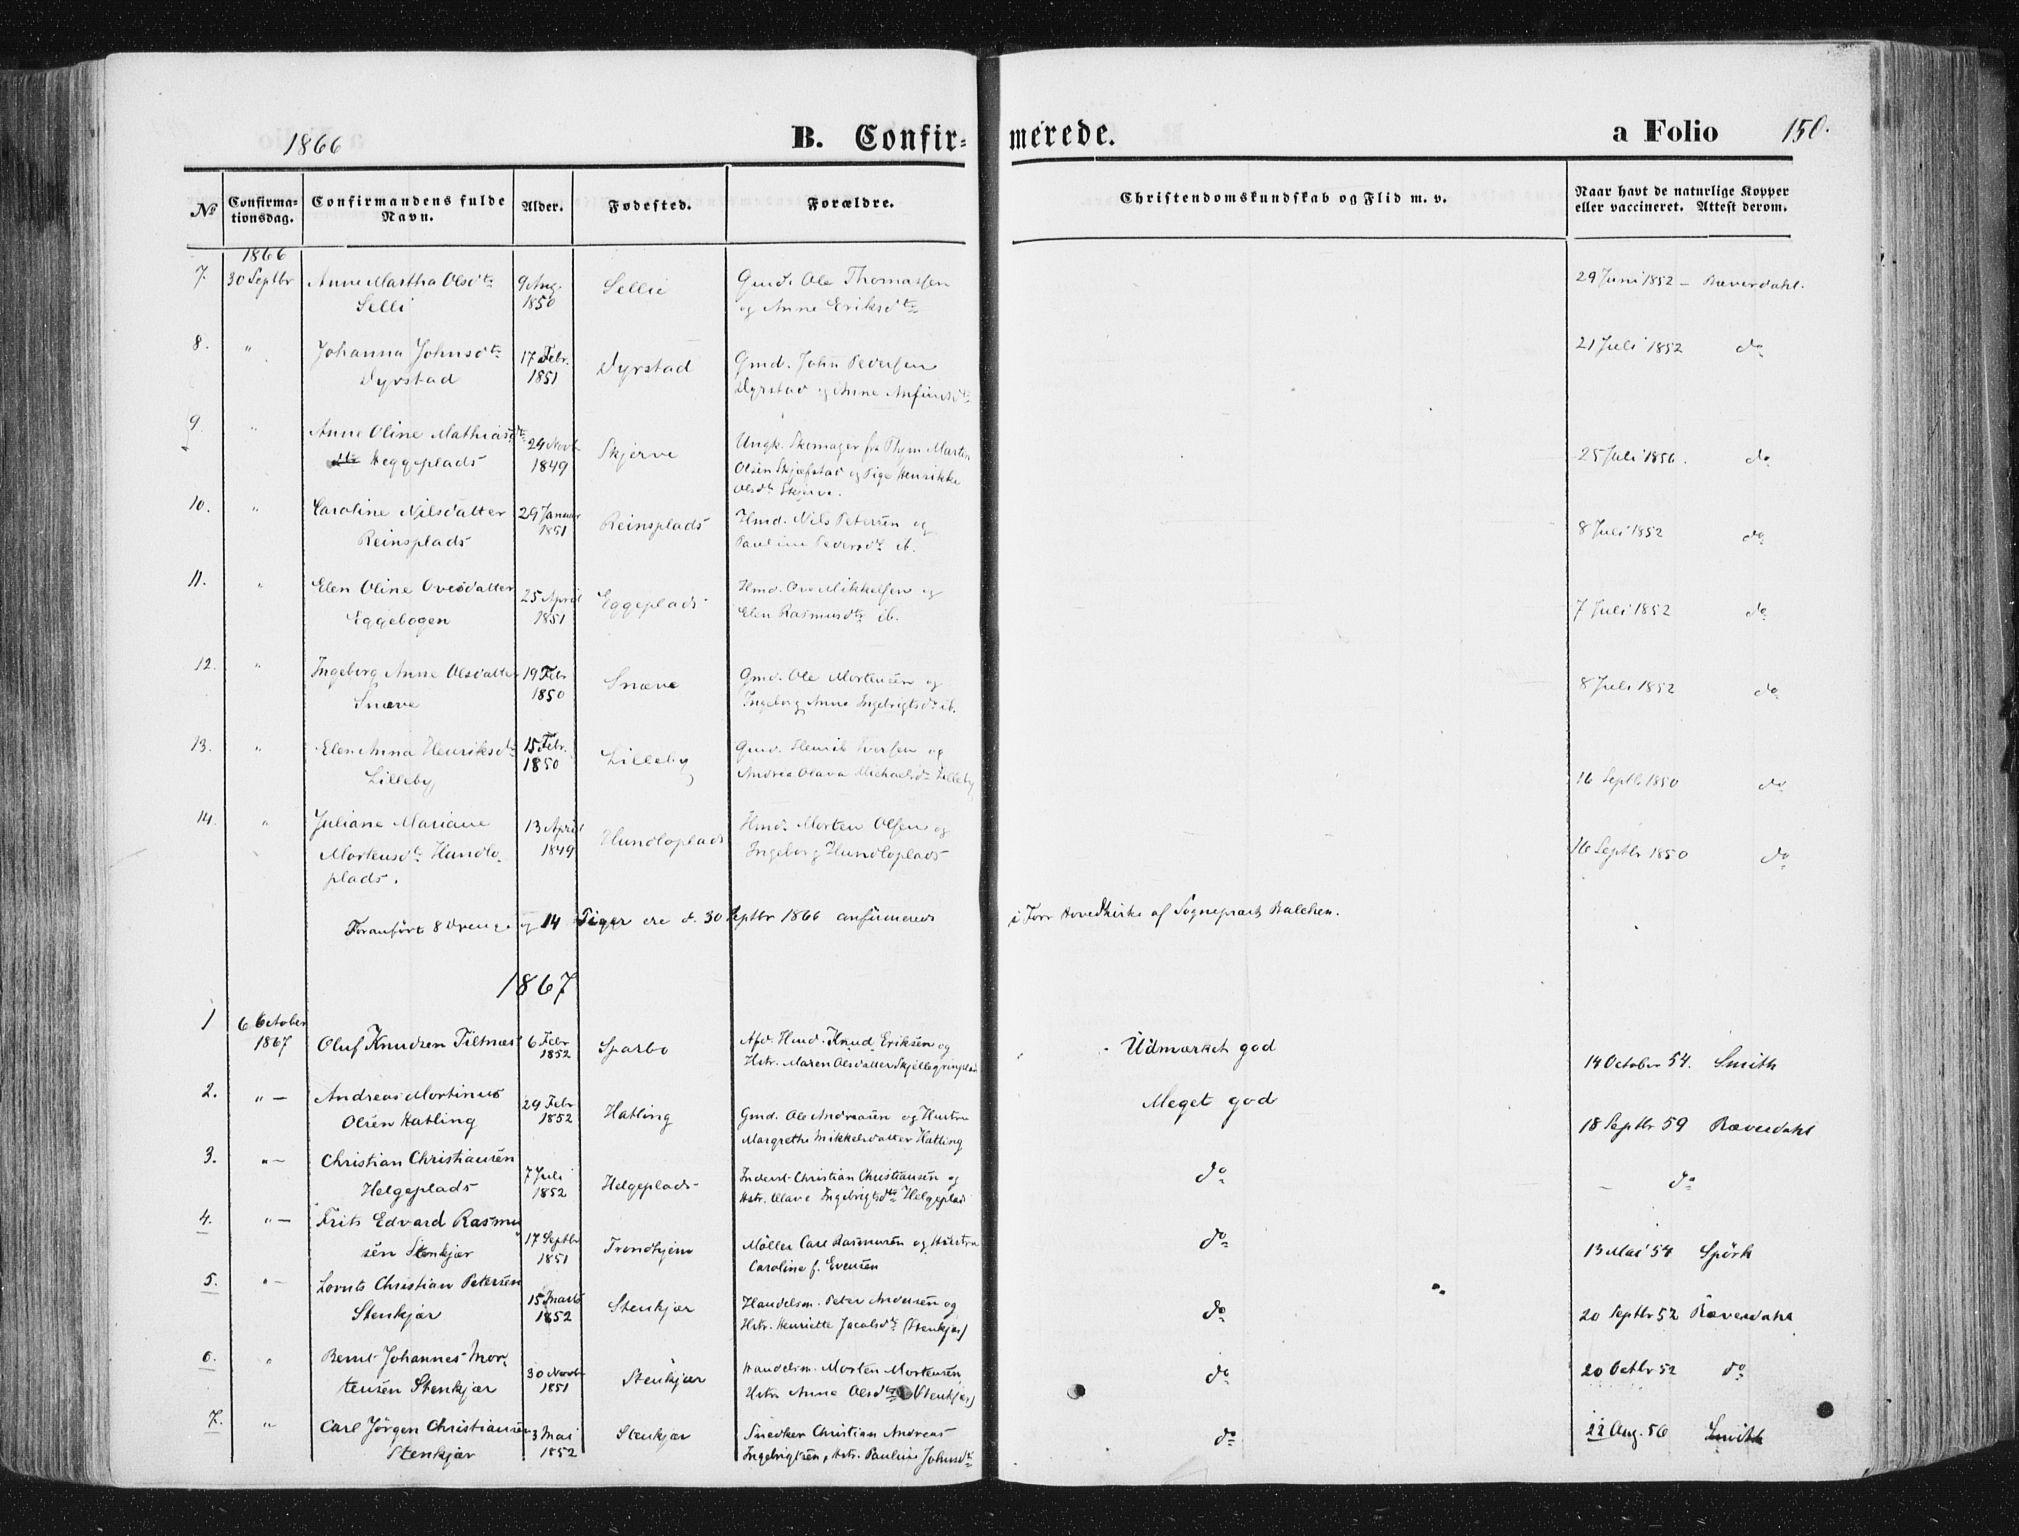 SAT, Ministerialprotokoller, klokkerbøker og fødselsregistre - Nord-Trøndelag, 746/L0447: Ministerialbok nr. 746A06, 1860-1877, s. 150